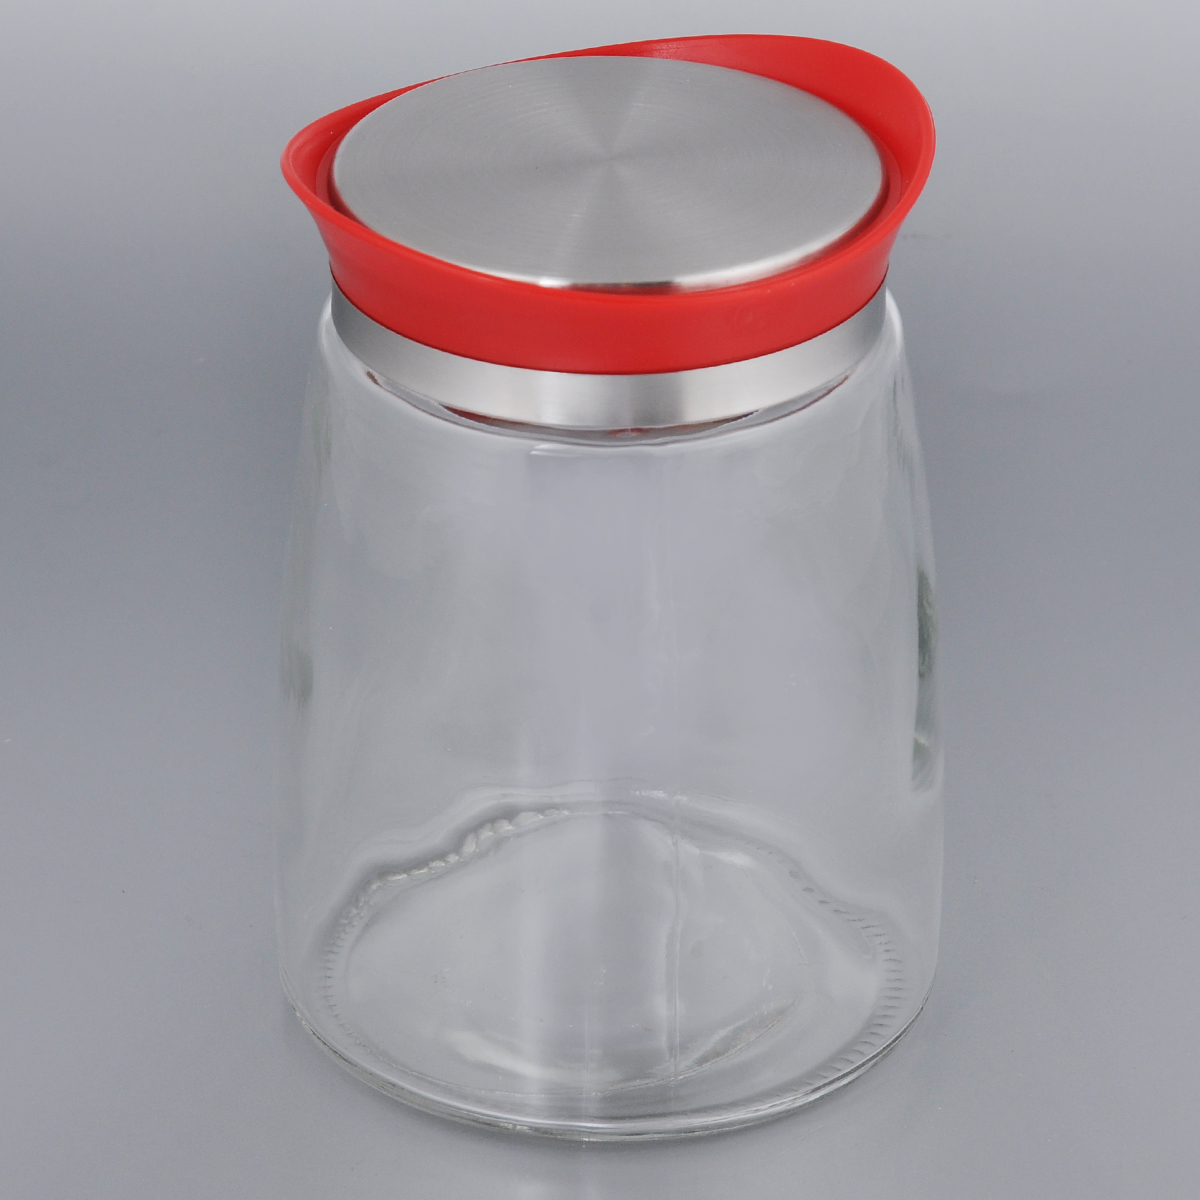 Банка для сыпучих продуктов Bohmann, цвет: красный, 1,3 л01340BHG/NEWЕмкость для сыпучих продуктов Bohmann изготовлена из прочного прозрачного стекла. Банка снабжена пластиковой крышкой с металлической вставкой, которая плотно и герметично закрывается, дольше сохраняя аромат и свежесть содержимого. Изделие предназначено для хранения различных сыпучих продуктов: круп, чая, сахара, орехов и многого другого.Функциональная и вместительная, такая банка станет незаменимым аксессуаром на любой кухне. Диаметр (по верхнему краю): 8,5 см.Высота (без учета крышки): 16,5 см.Высота (с учетом крышки): 17,5 см.